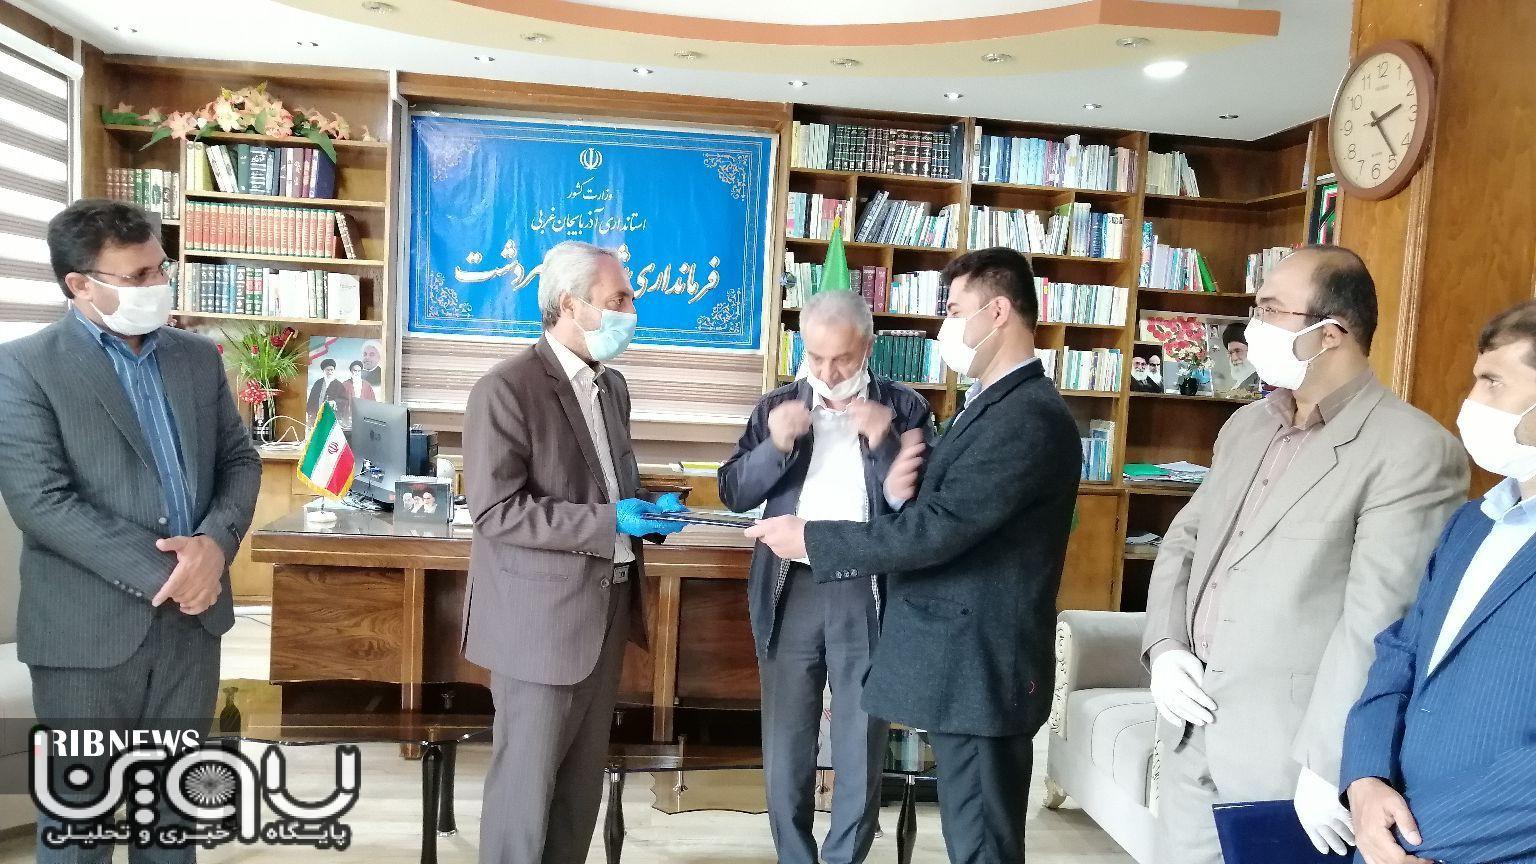 انتصاب رئیس جدید دانشگاه پیام نور سردشت